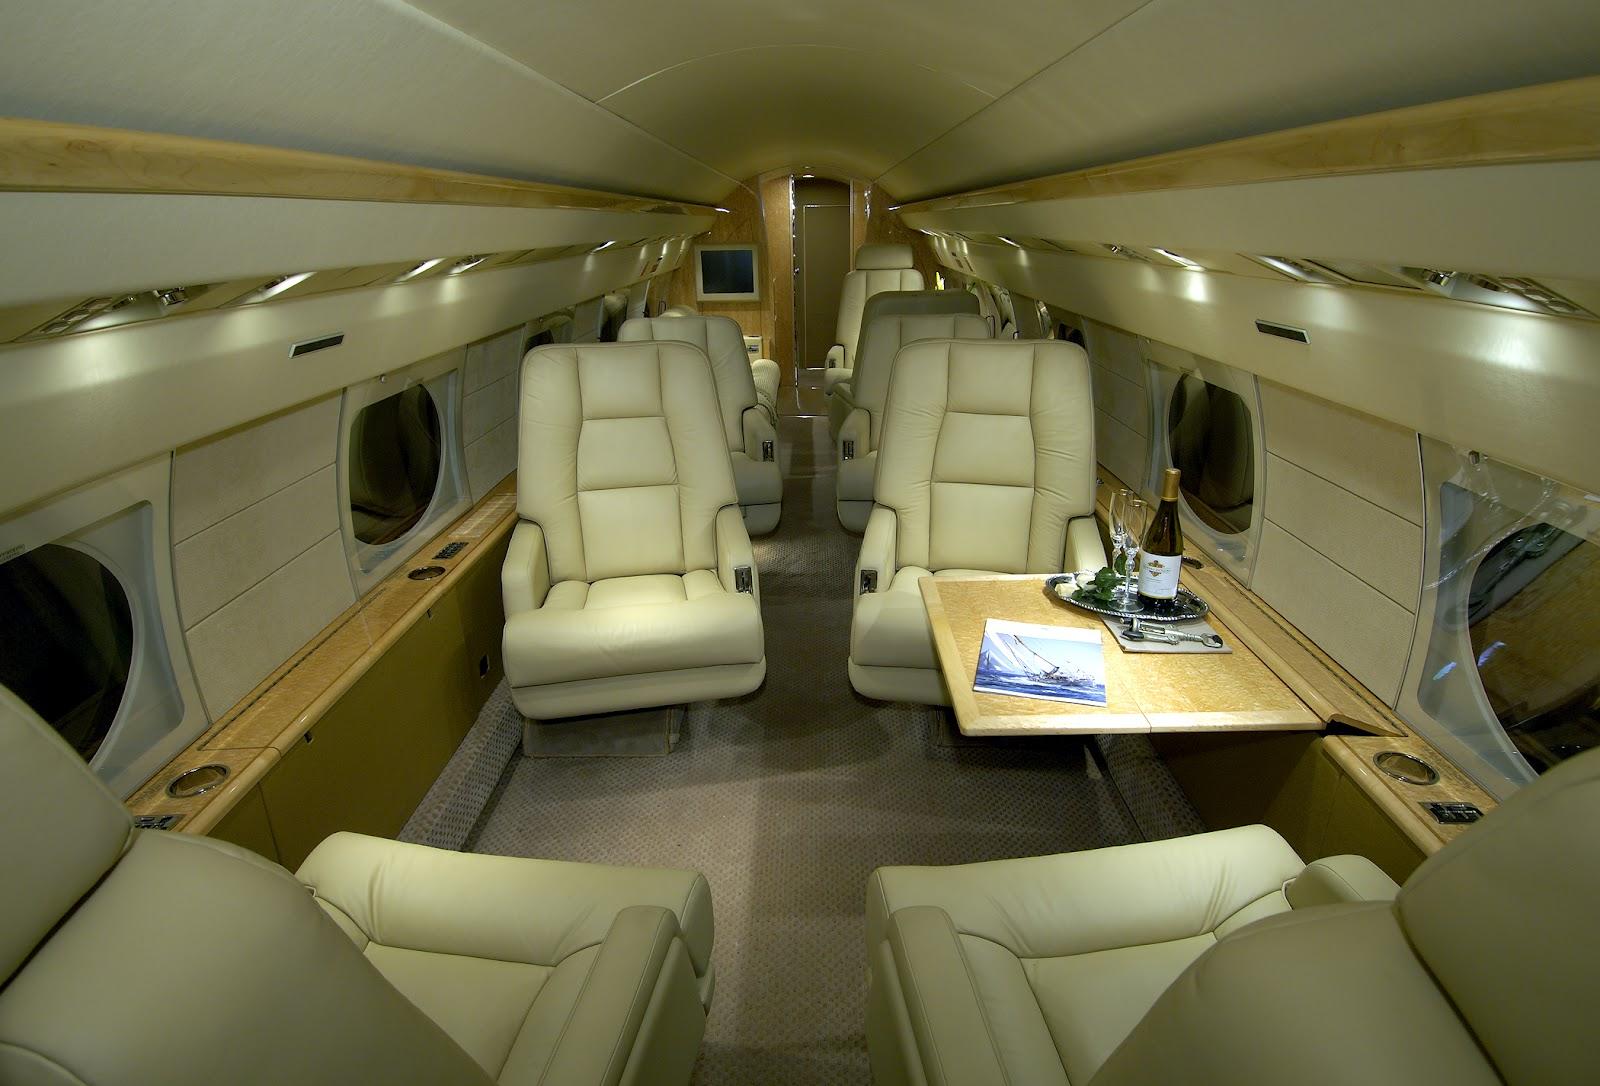 http://4.bp.blogspot.com/-G7su3I-dAEQ/T84jwt-X2AI/AAAAAAAAI5E/jkcfOKeRoU0/s1600/aerospatiale_gulfstream_iii_interior.jpg